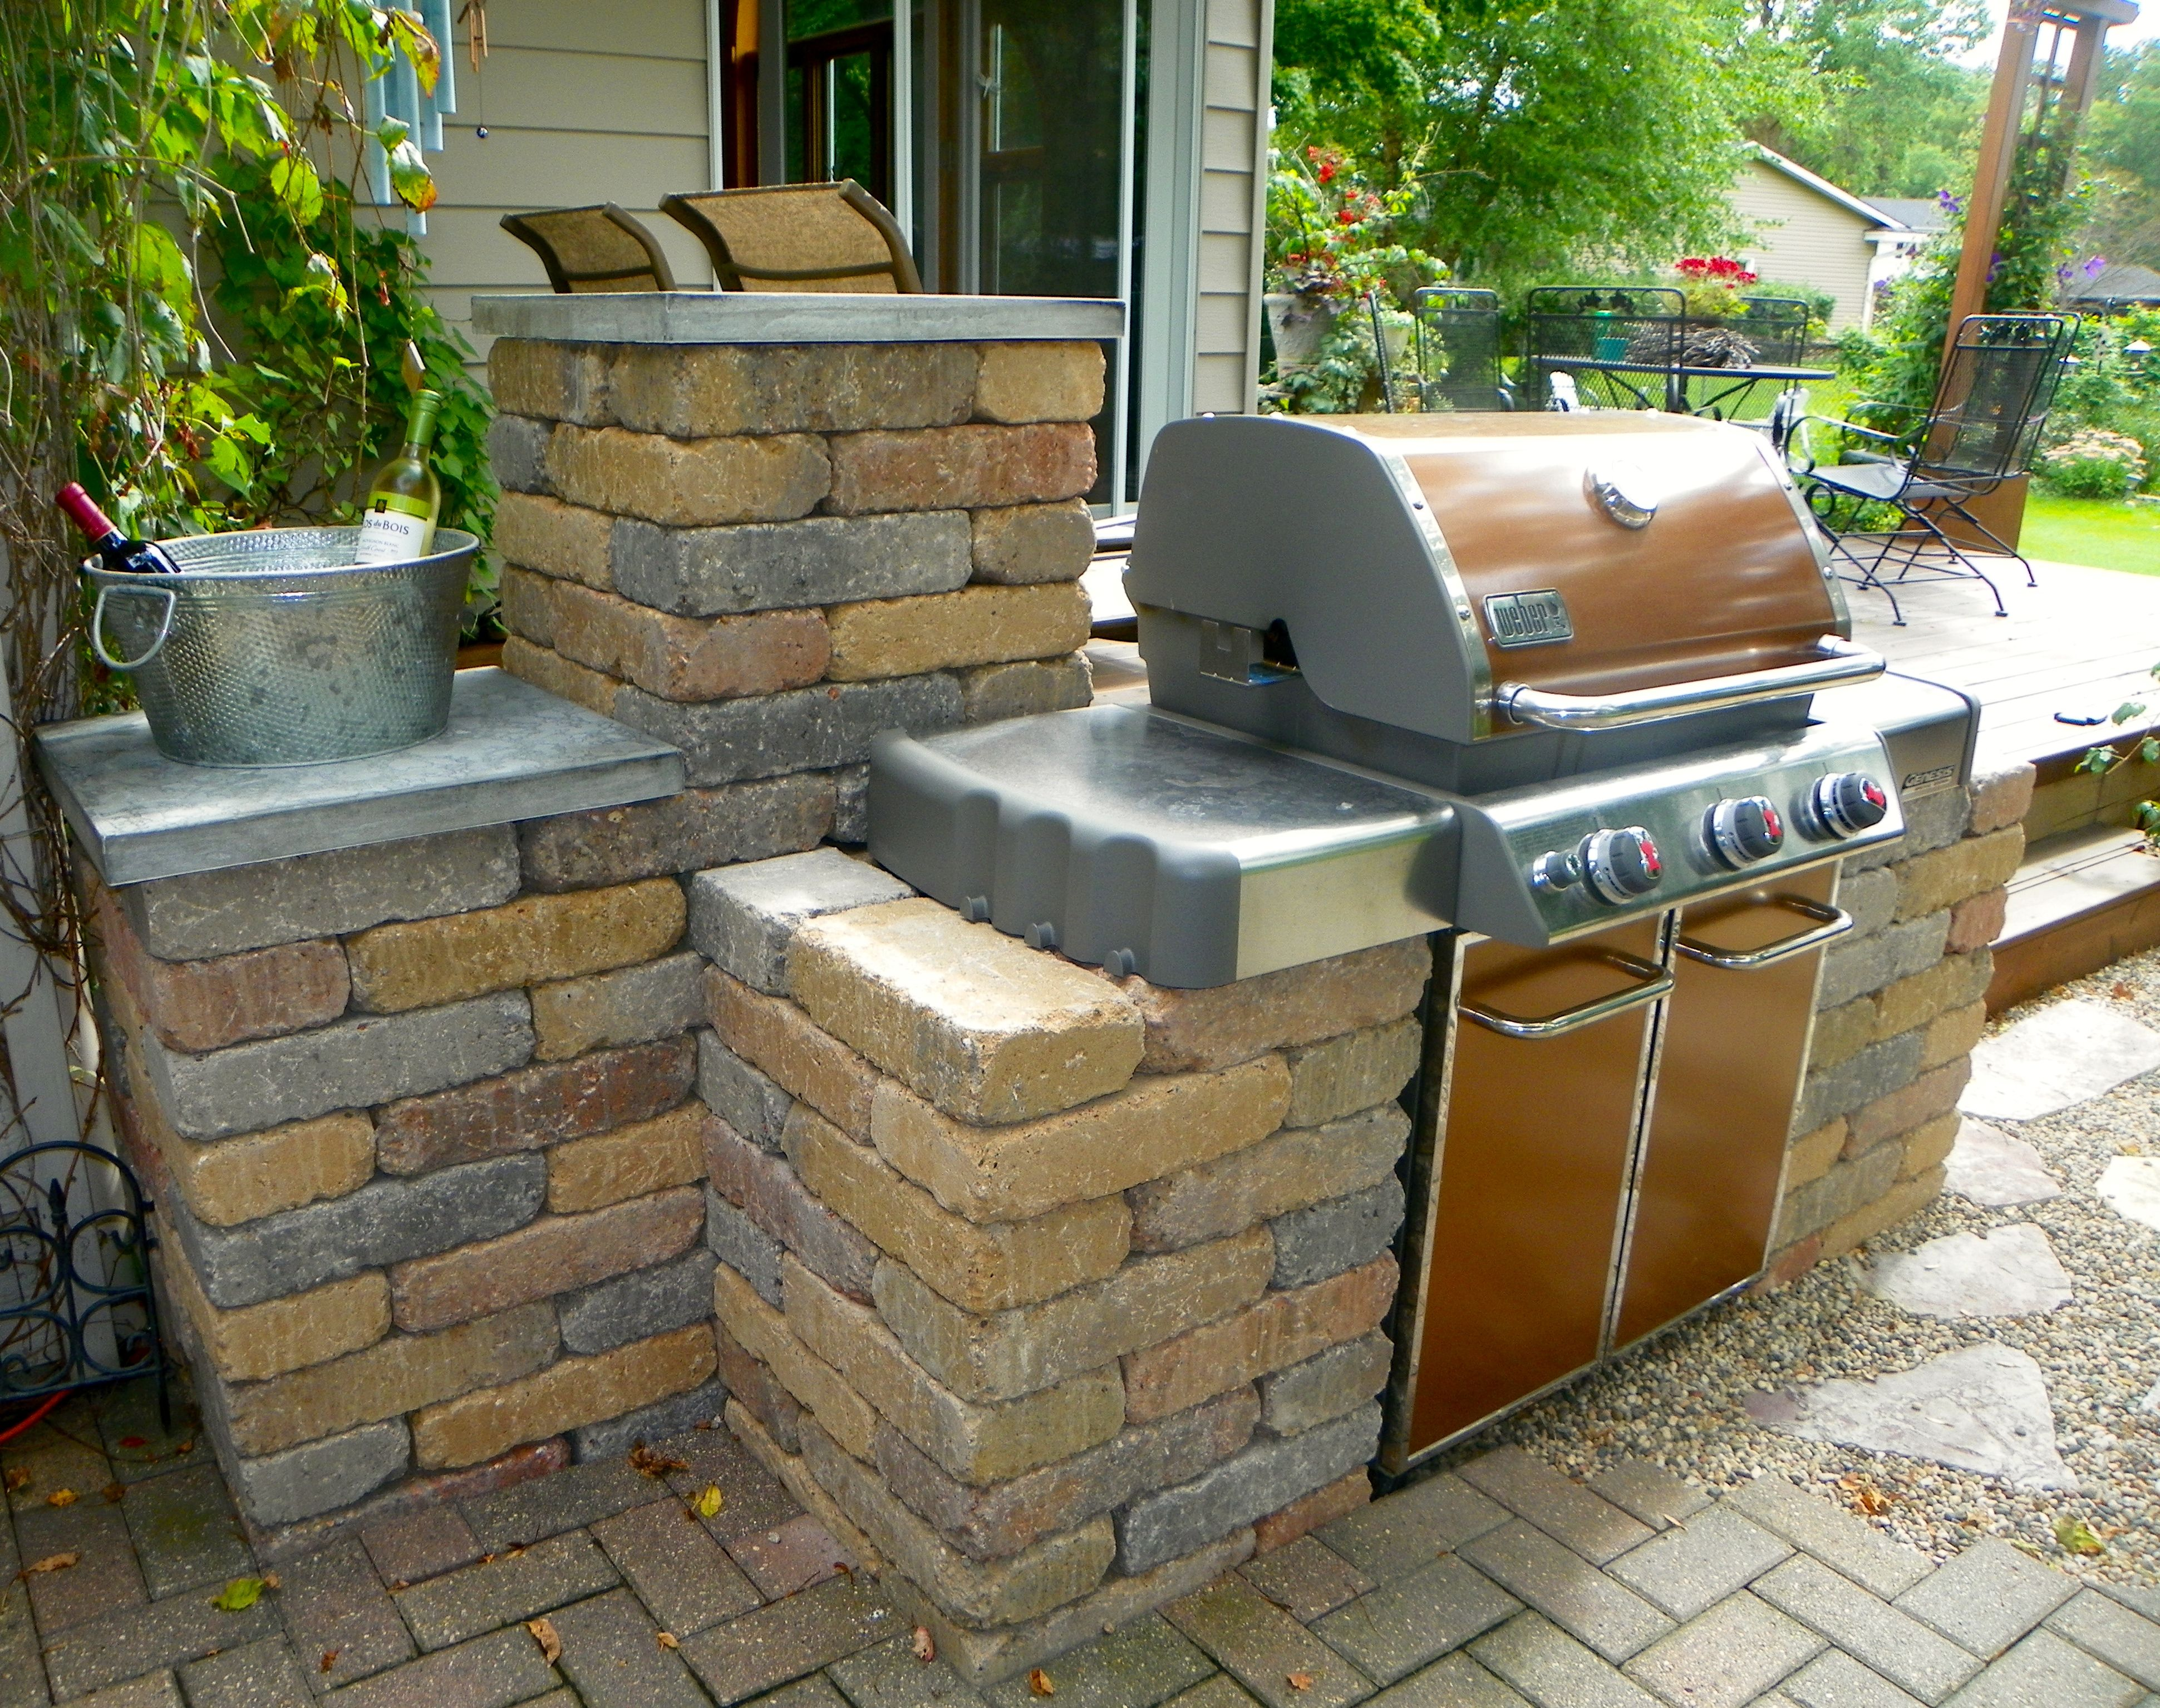 Weber Outdoor Küche Xxl : Grill küche weber fahrbare outdoor küche küche outdoor küche x ideen